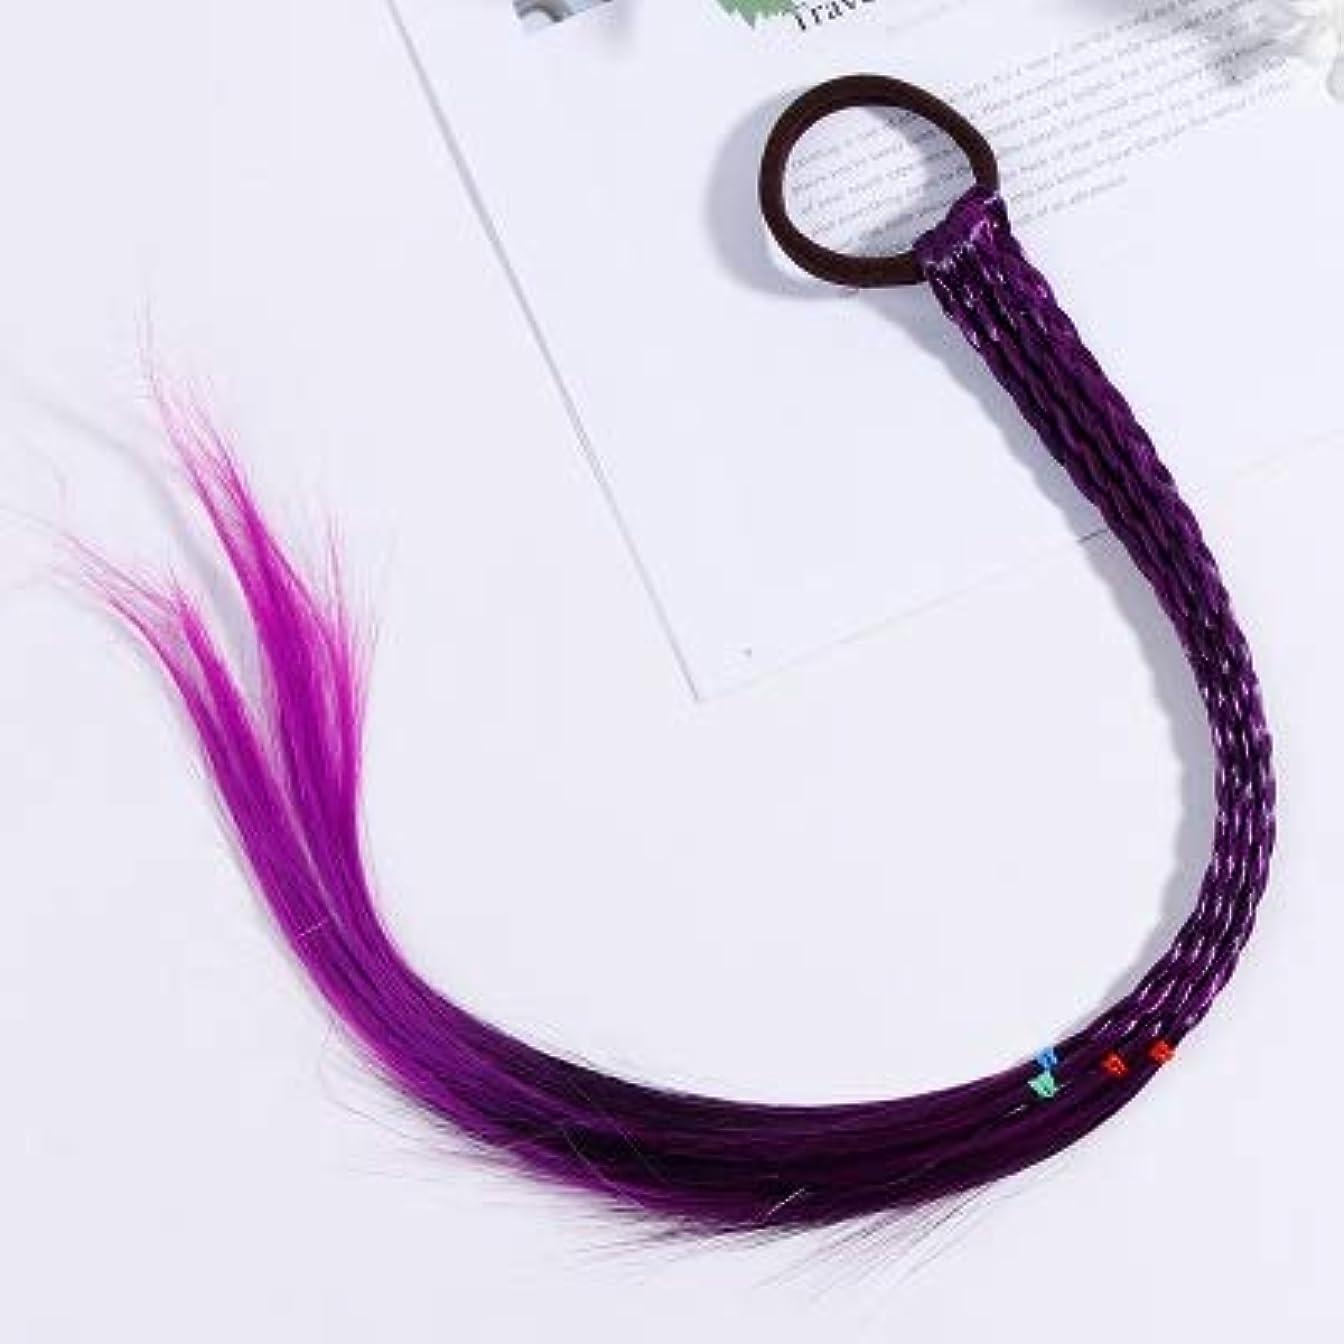 悪い陸軍灰Hairpinheair YHM 2 PCSカラフルウィッグポニーテール髪飾りヘッドバンドラバーバンドビューティーヘアバンド(赤) (色 : 紫の)